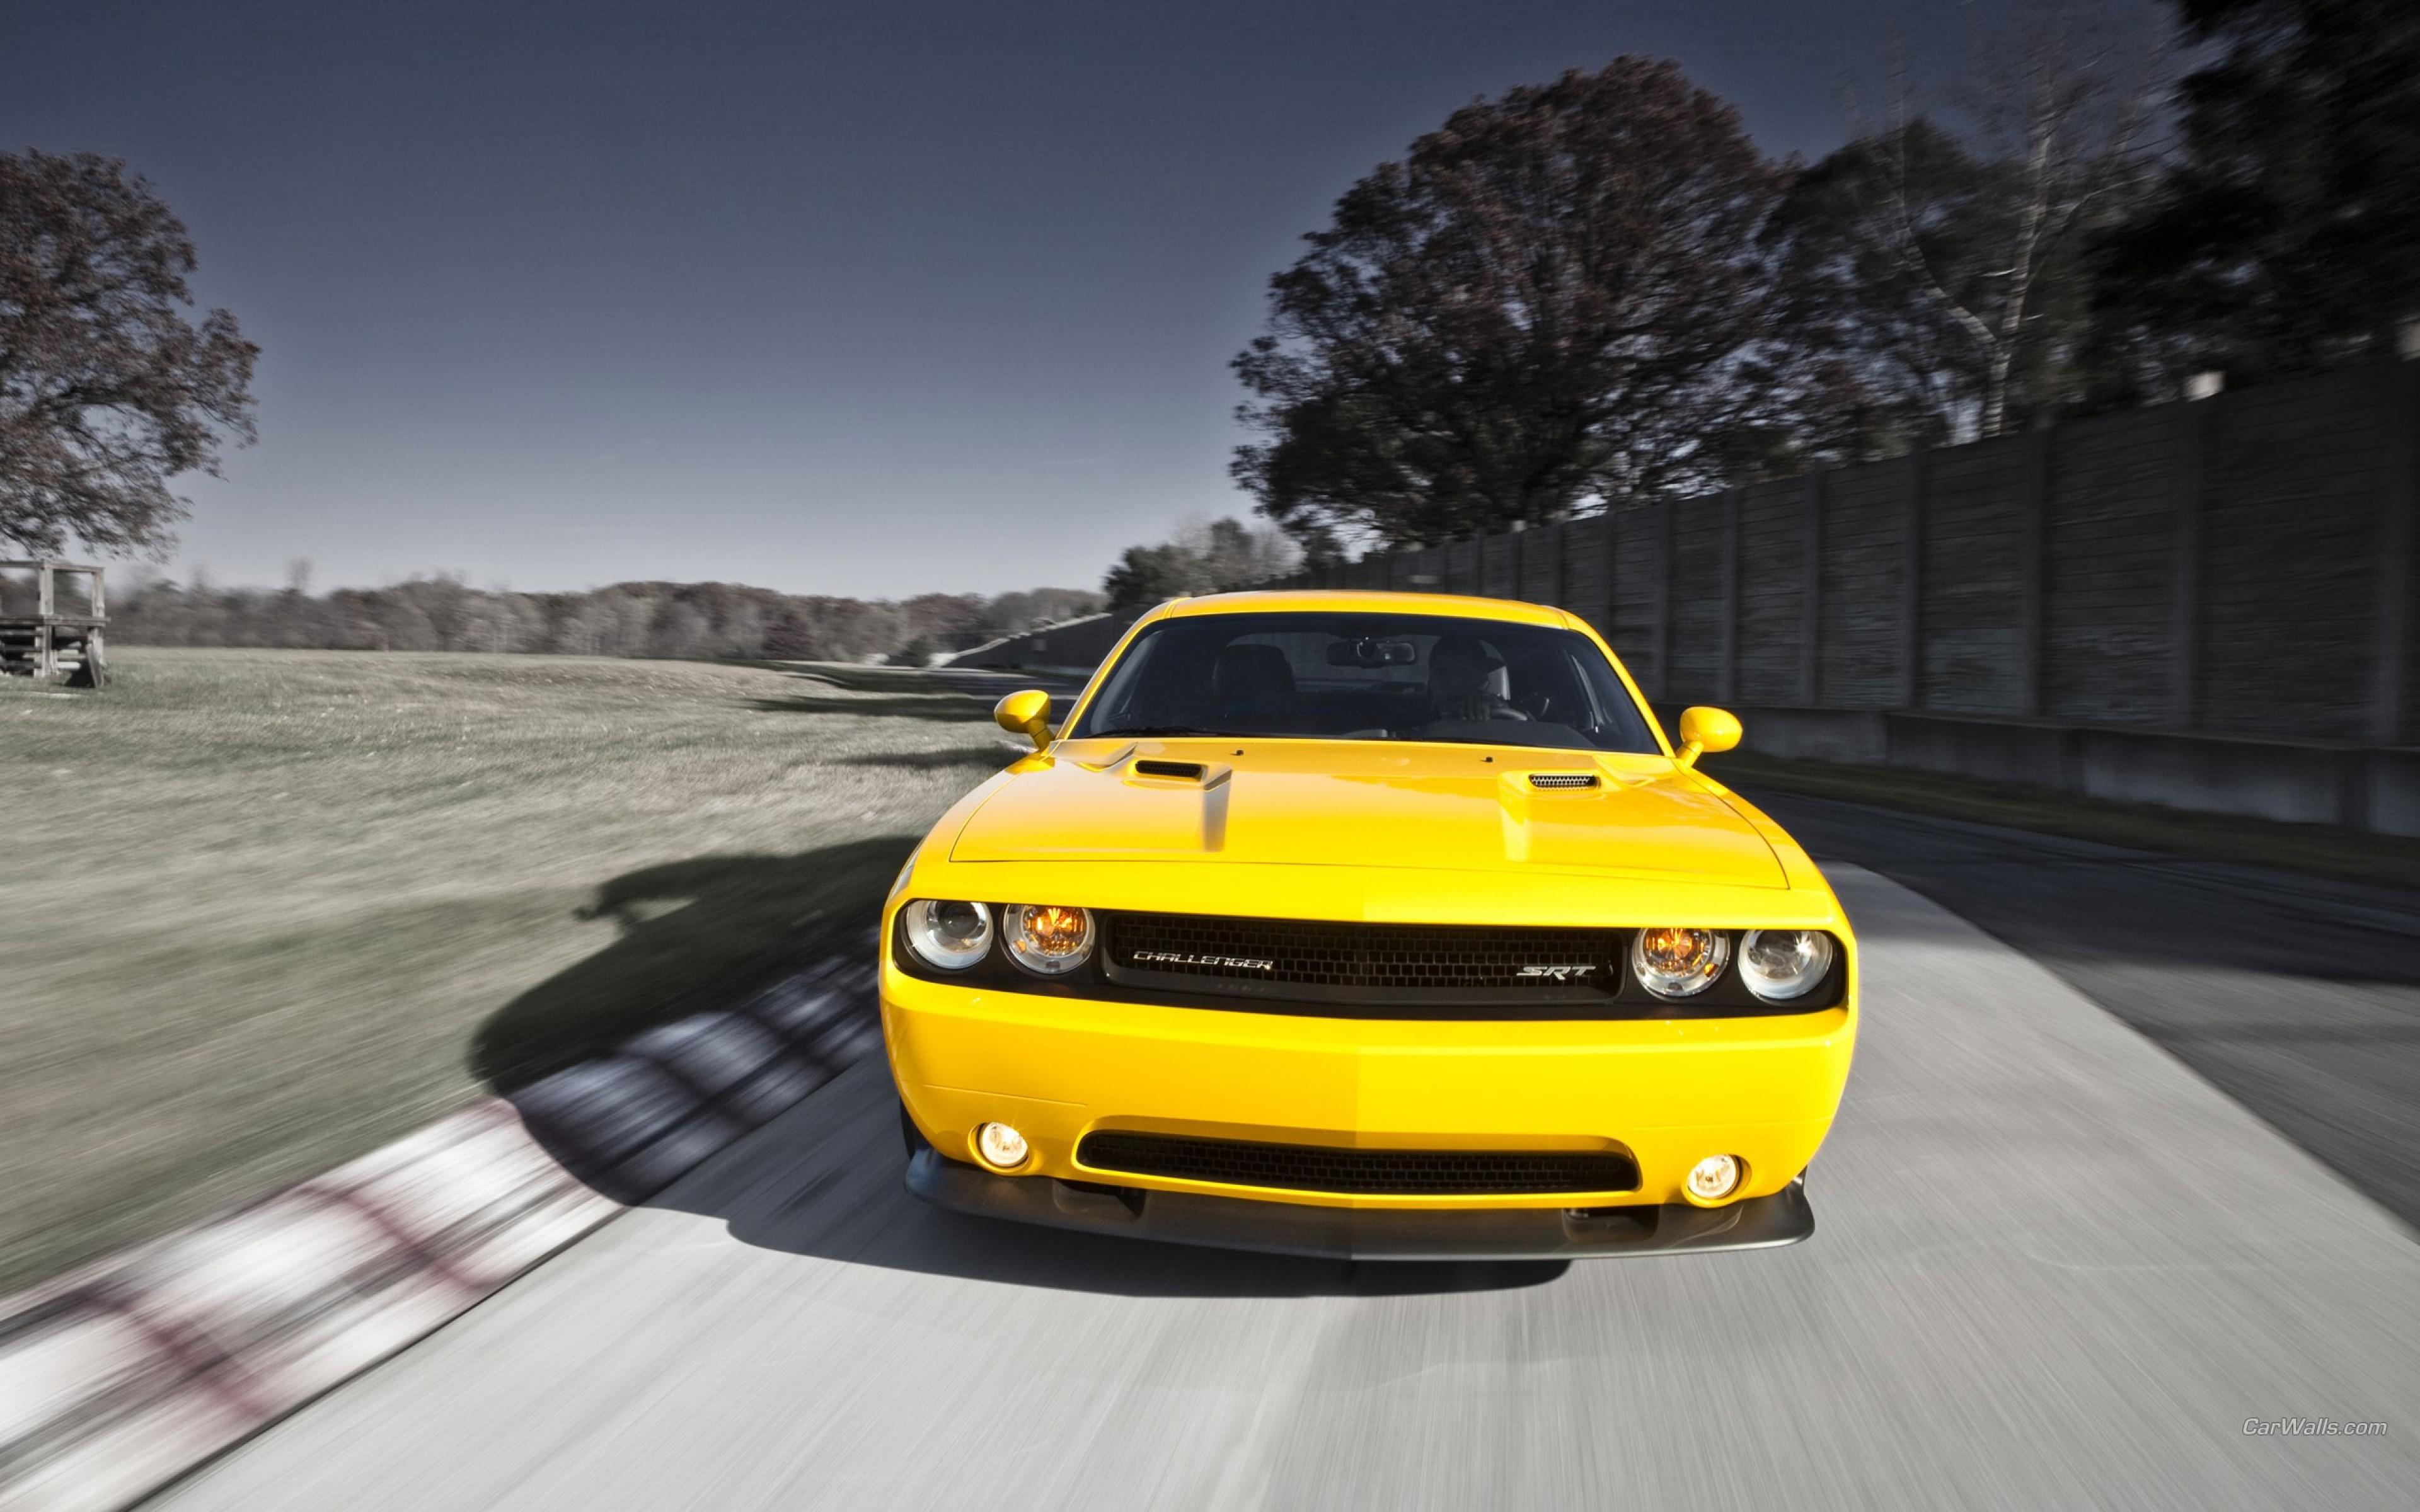 2016 dodge challenger hd cars 4k wallpapers images - Dodge car 4k wallpaper ...